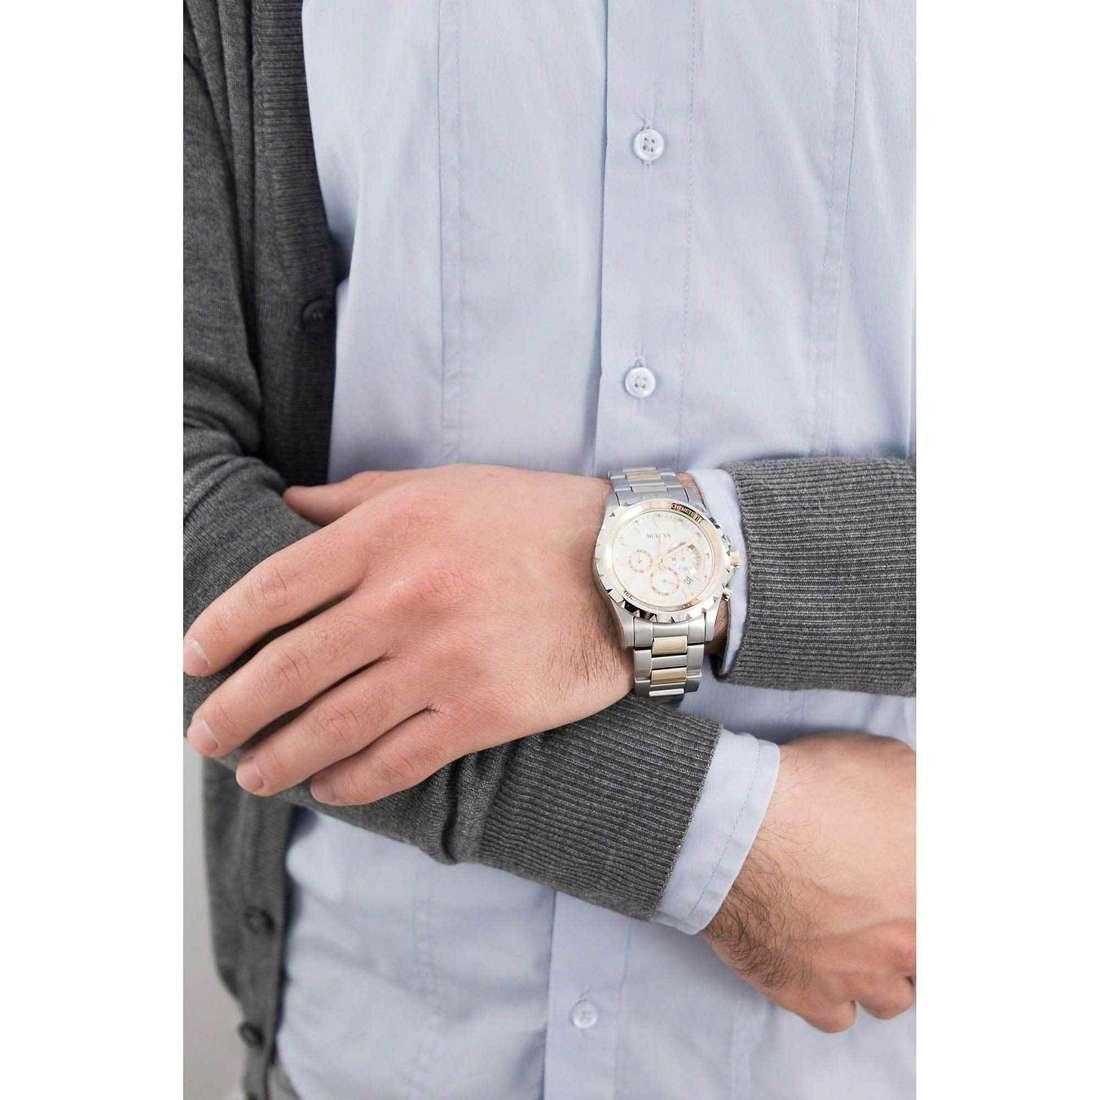 Bulova cronografi Marine Star uomo 98B014 indosso